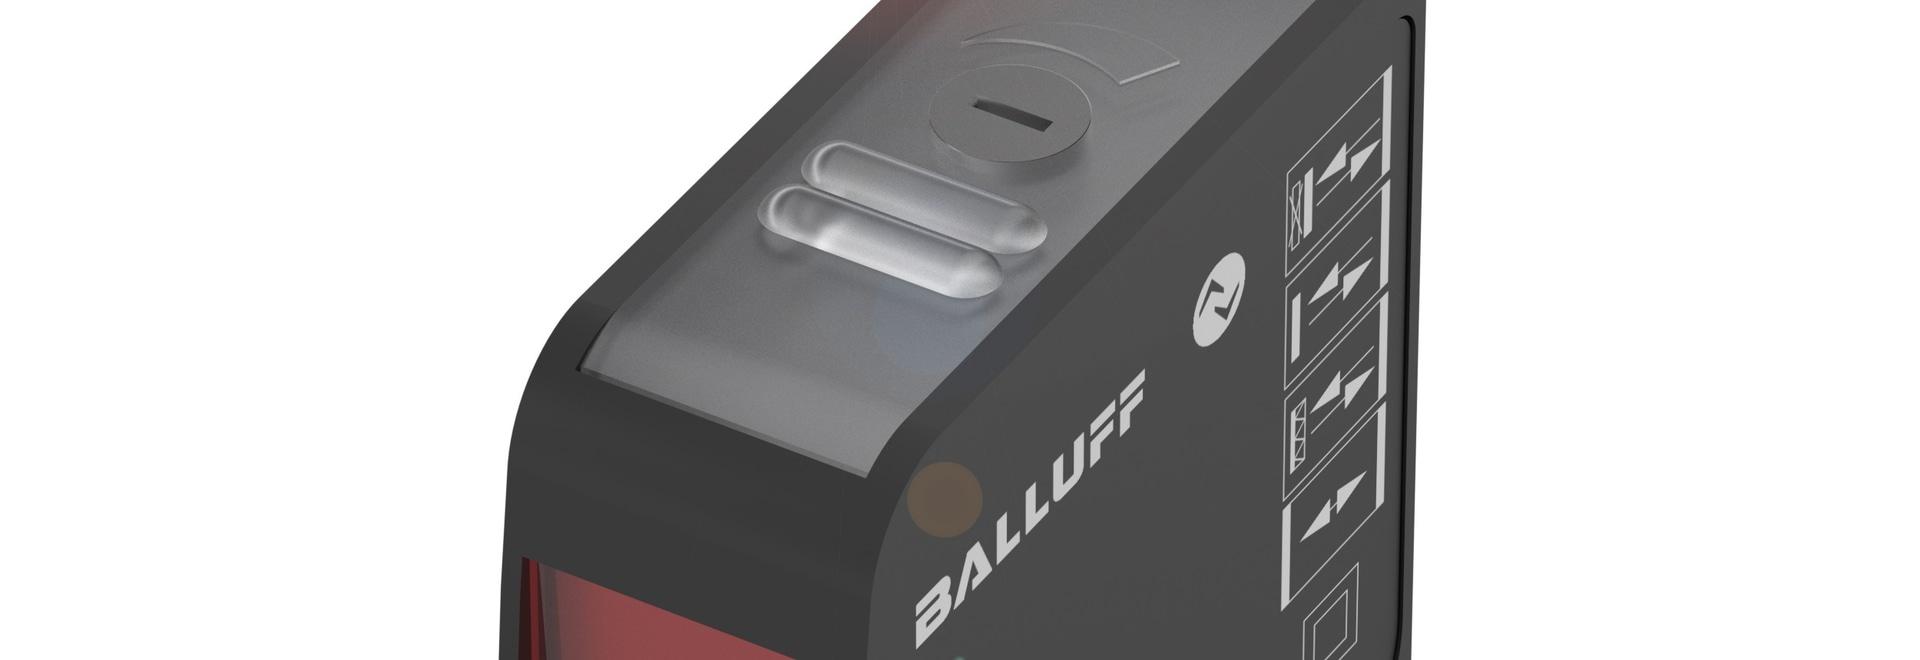 Nuevo sensor óptico multifuncional para Internet de cosas